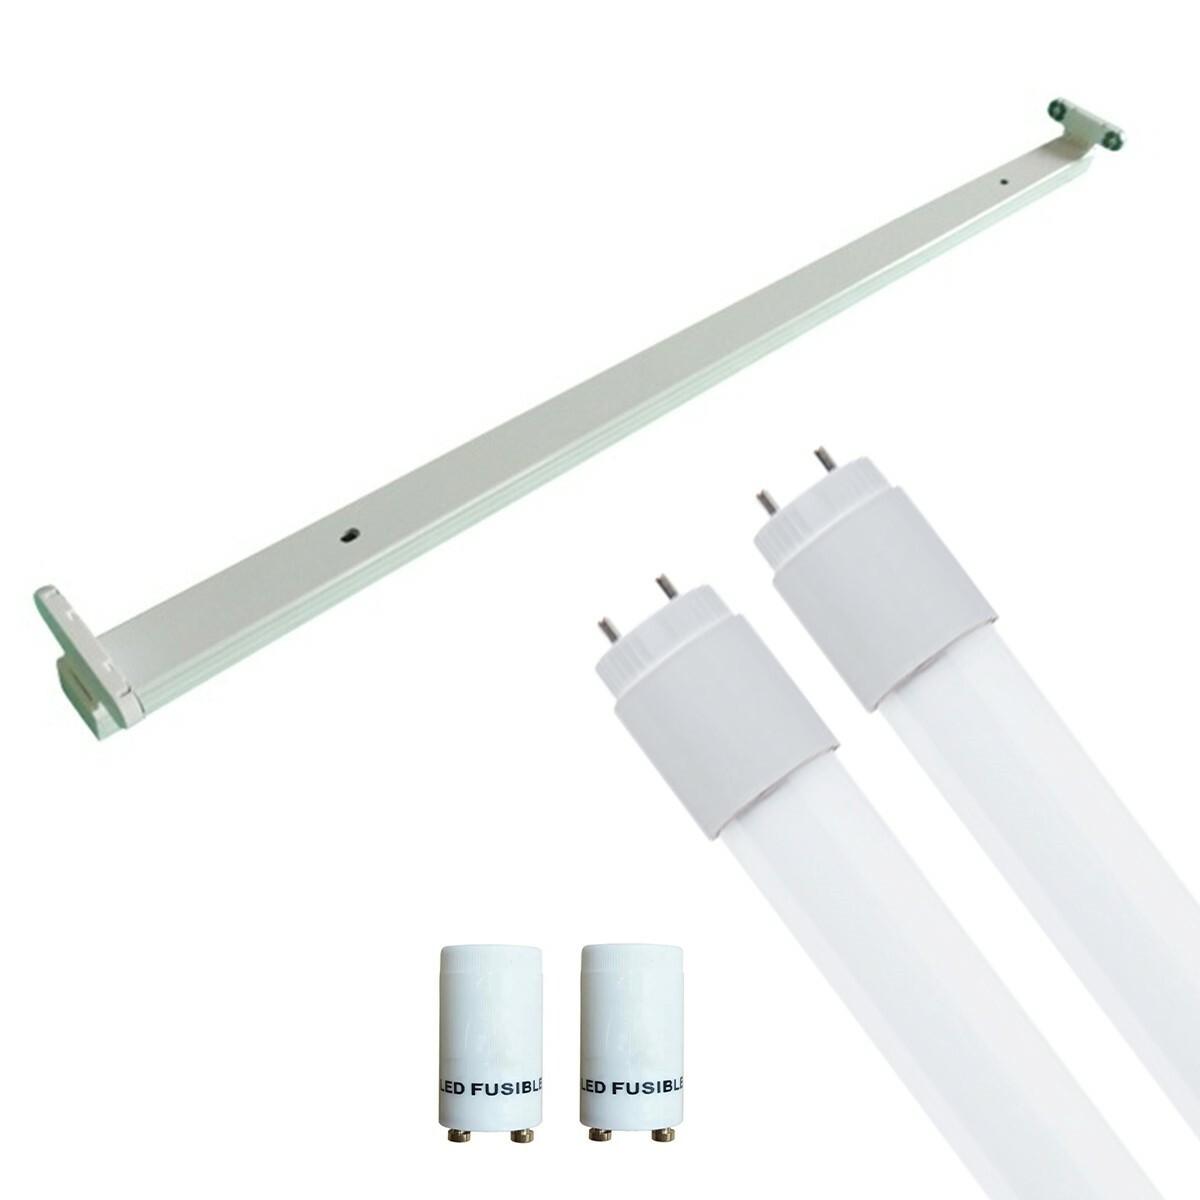 LED TL Armatuur met T8 Buis Incl. Starter - Aigi Dybolo - 120cm Dubbel - 32W - Natuurlijk Wit 4200K